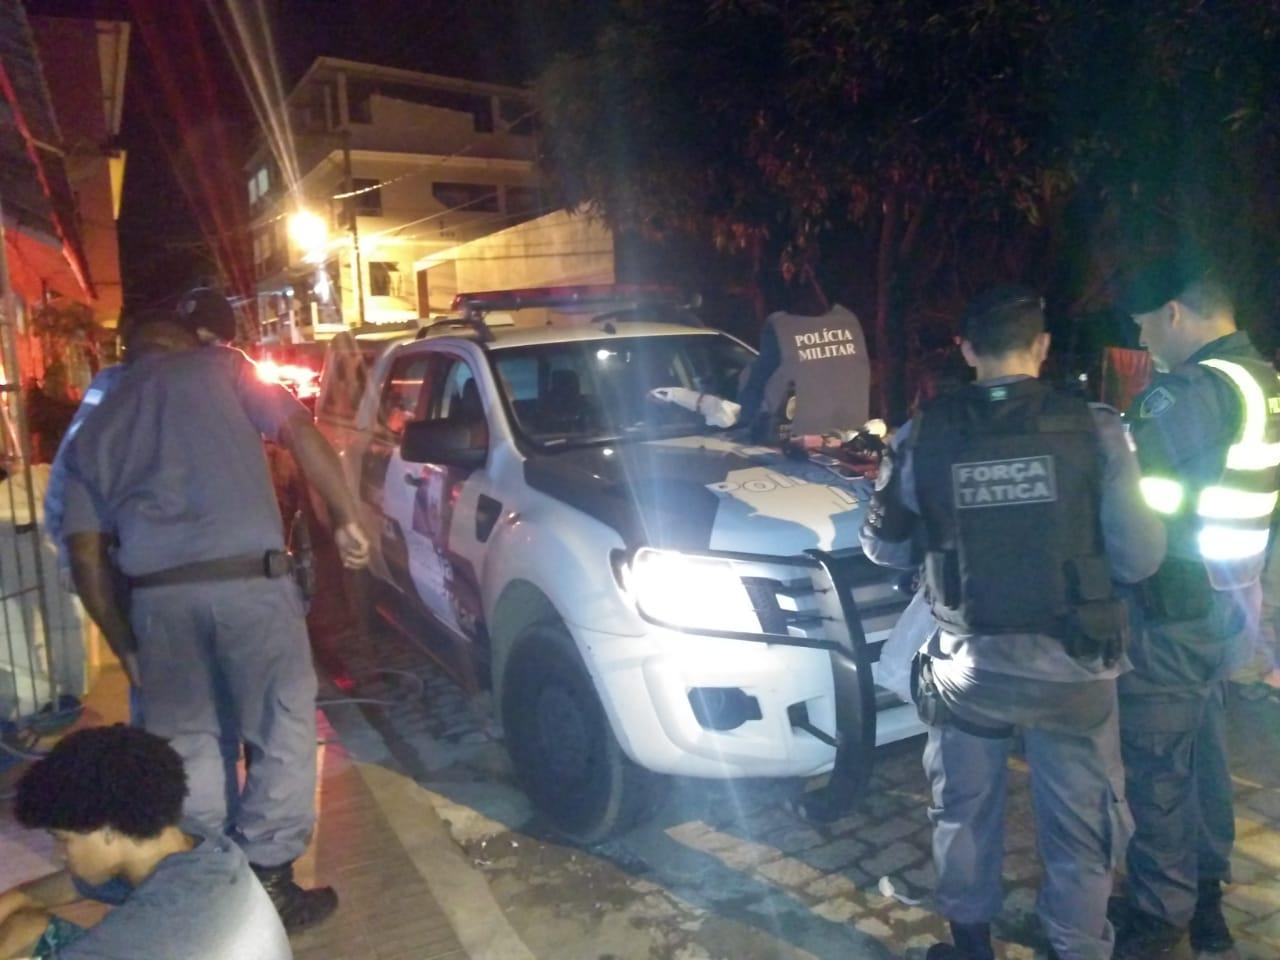 Policia apreende armas e drogas no centro de Iconha